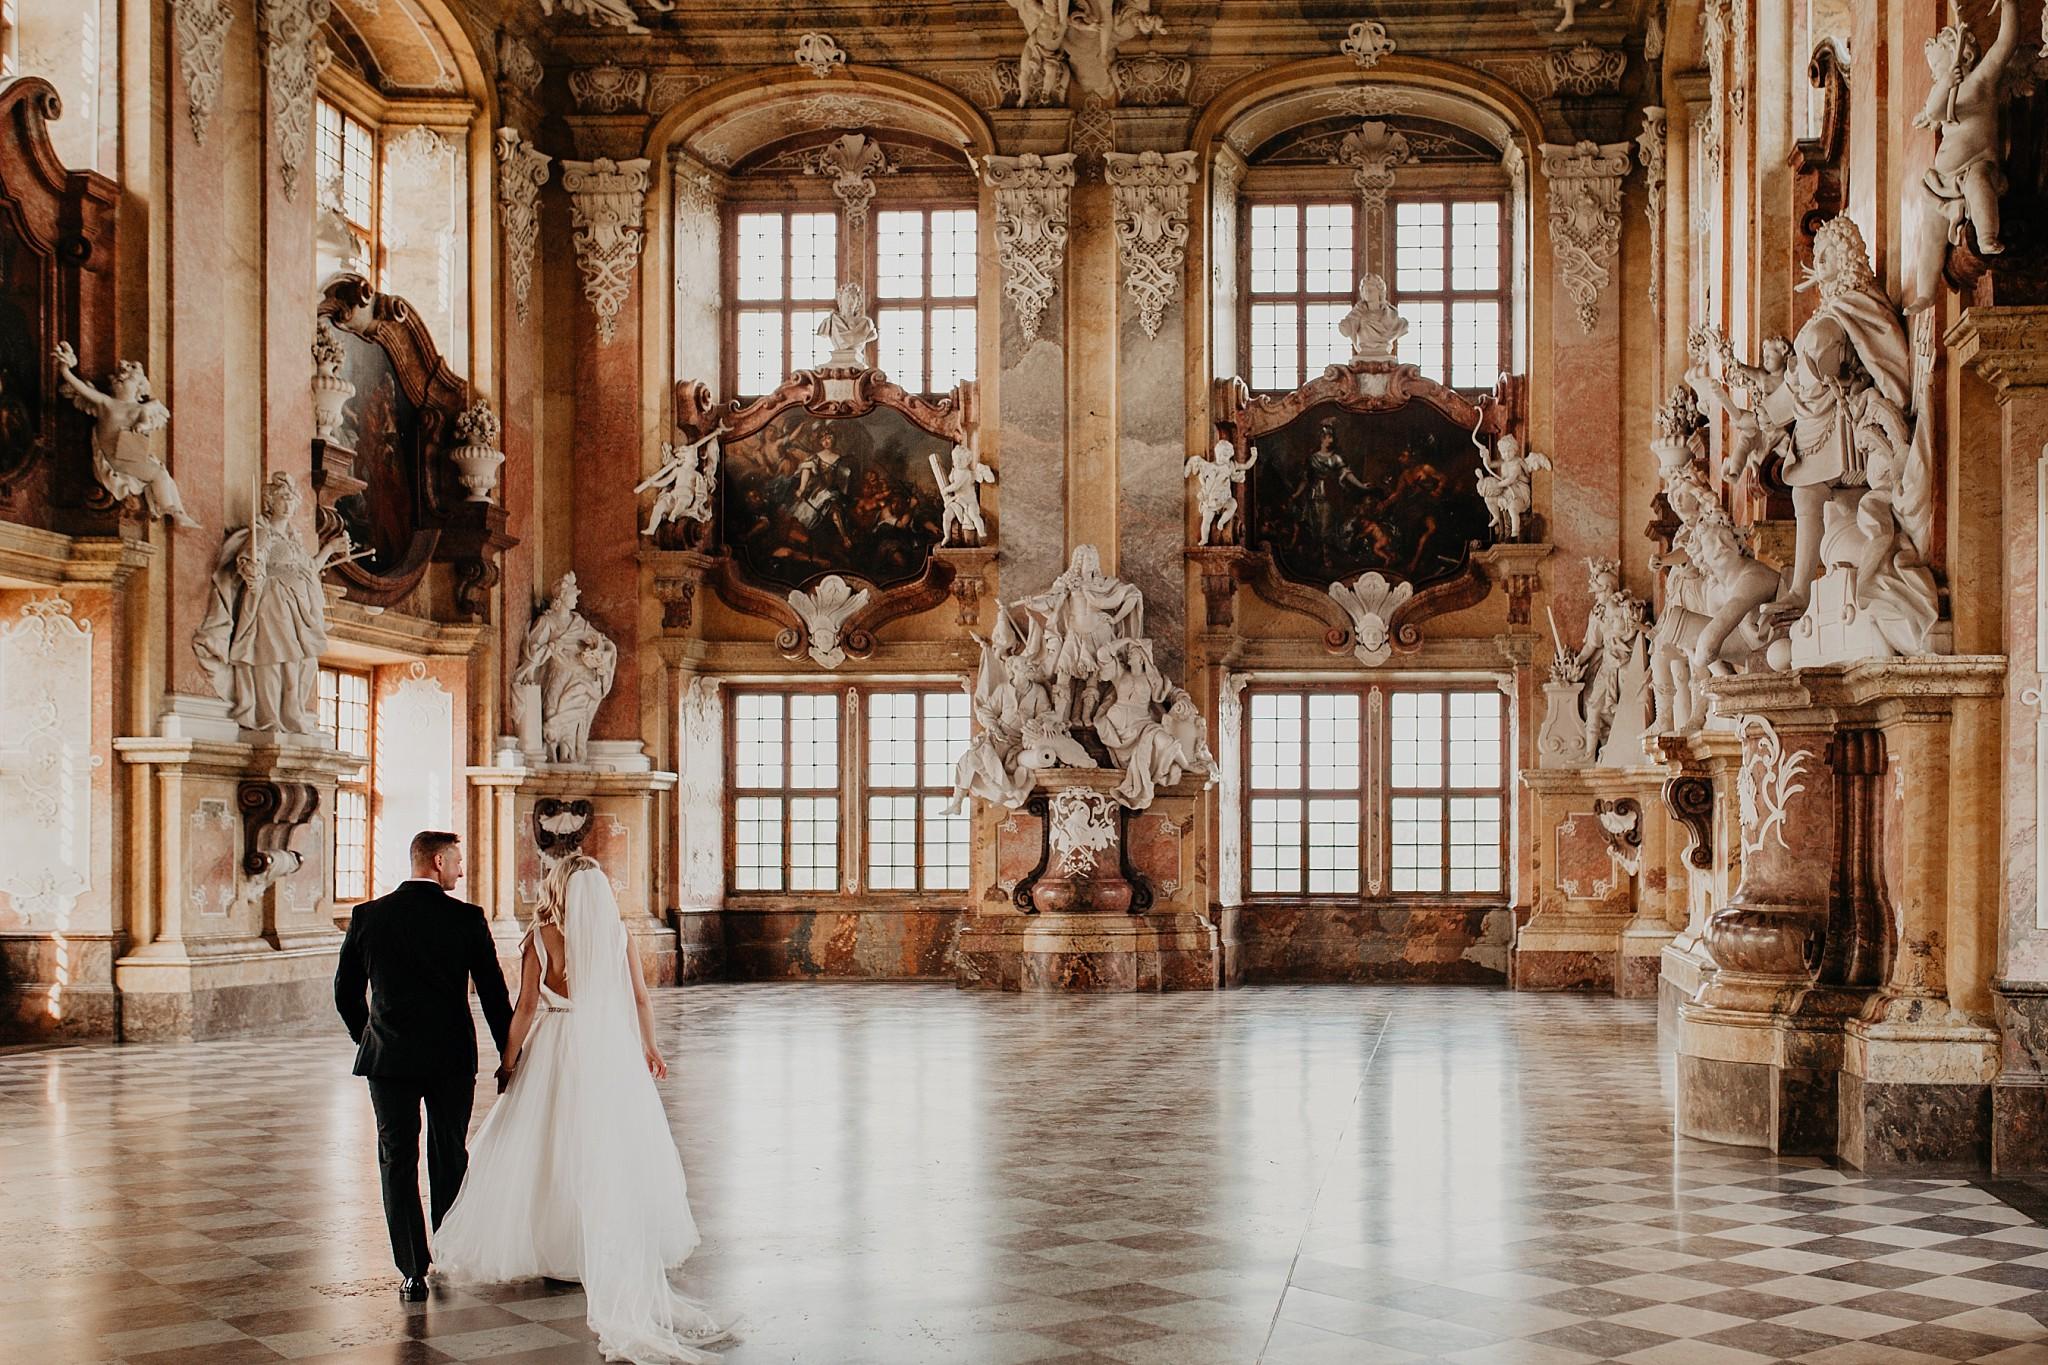 lubiaz opactwo cystersow sesja na zamku sesja zdjeciowa sesja slubna w palacu sesja palac fotograf z poznania fotografia slubna poznan 066